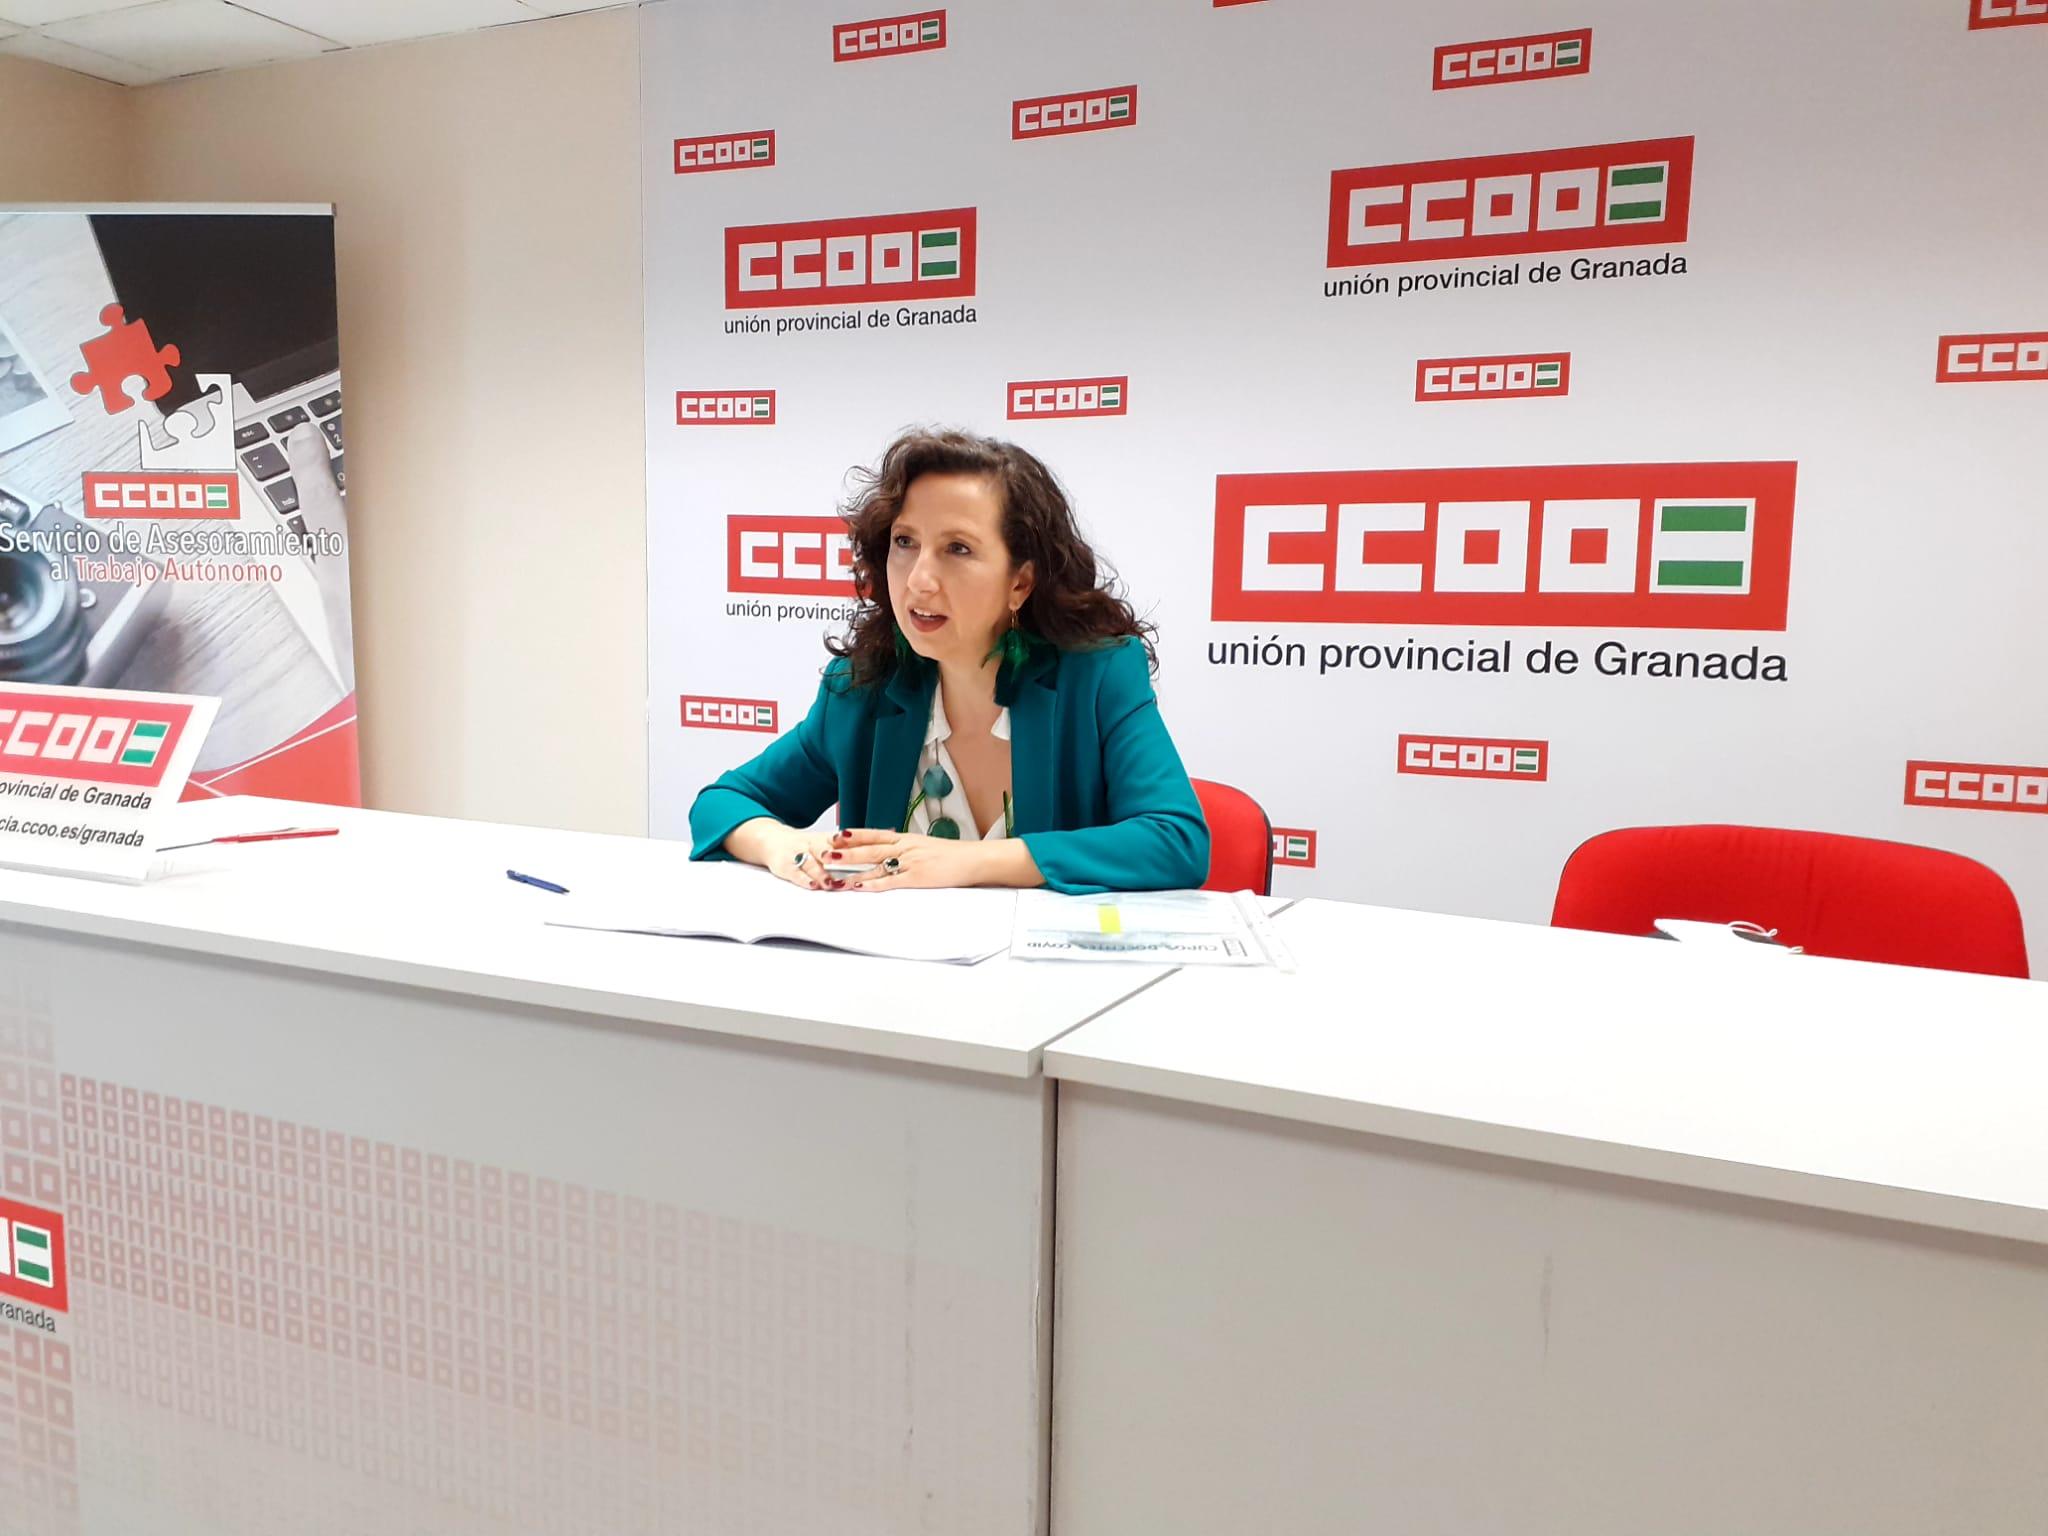 CCOO exige un aumento en las contrataciones de personal docente y laboral en educación para garantizar la presencialidad en las aulas